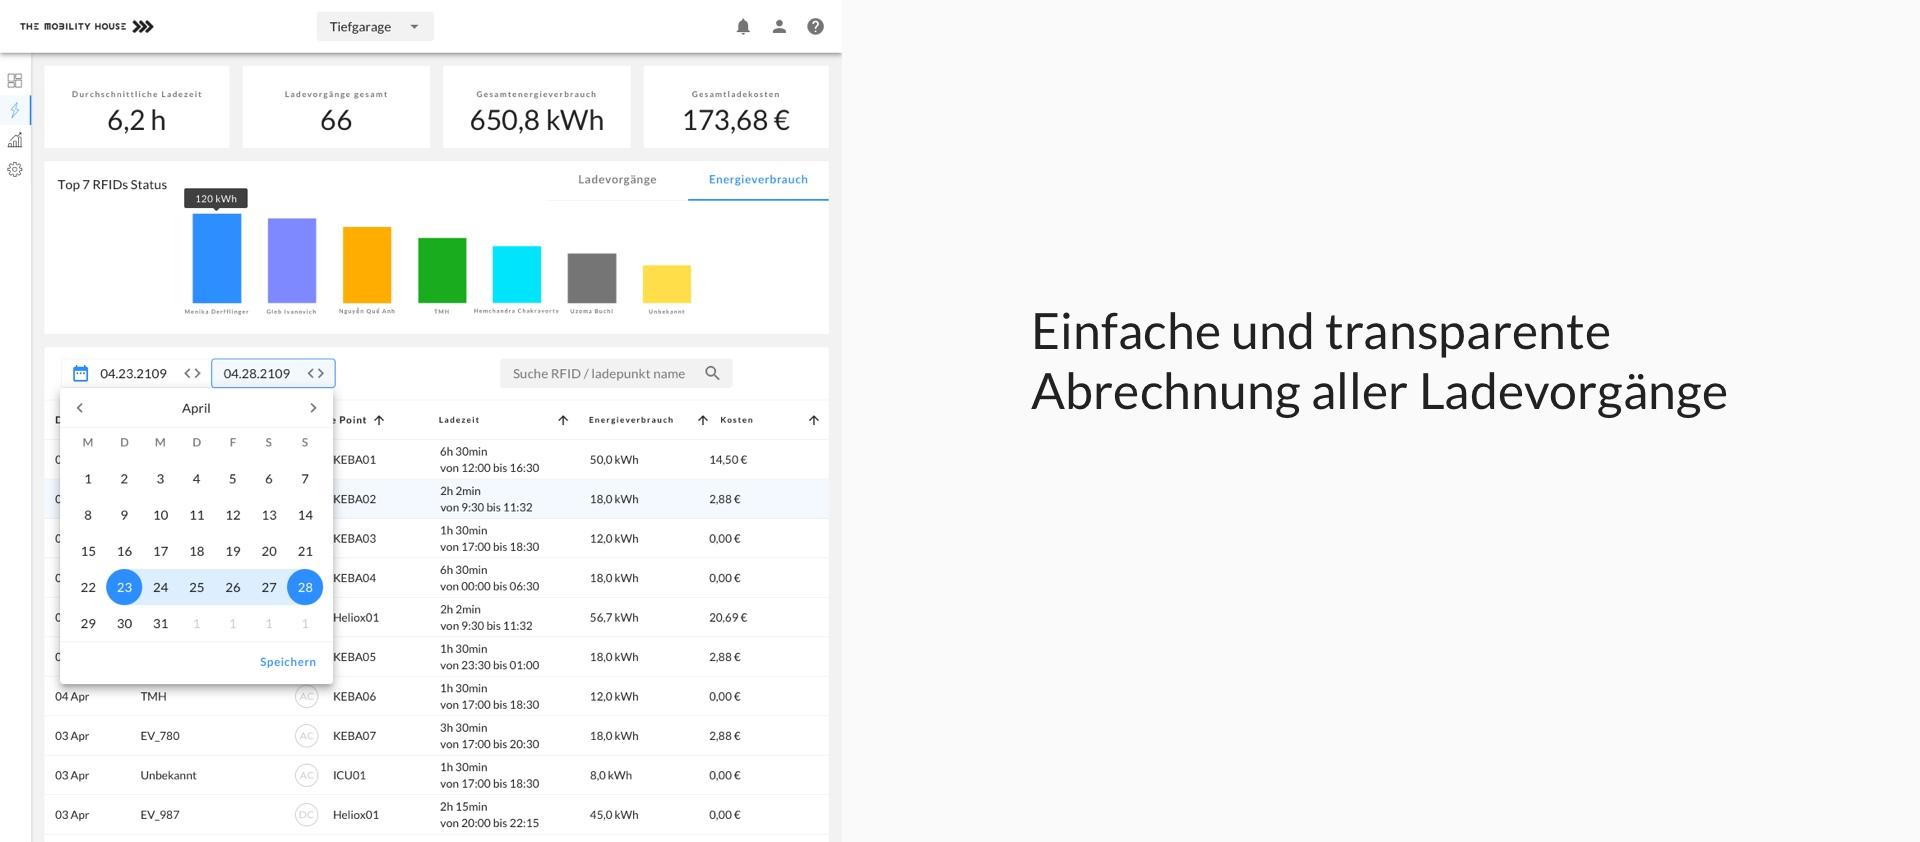 User Interface: Einfache Abrechnung